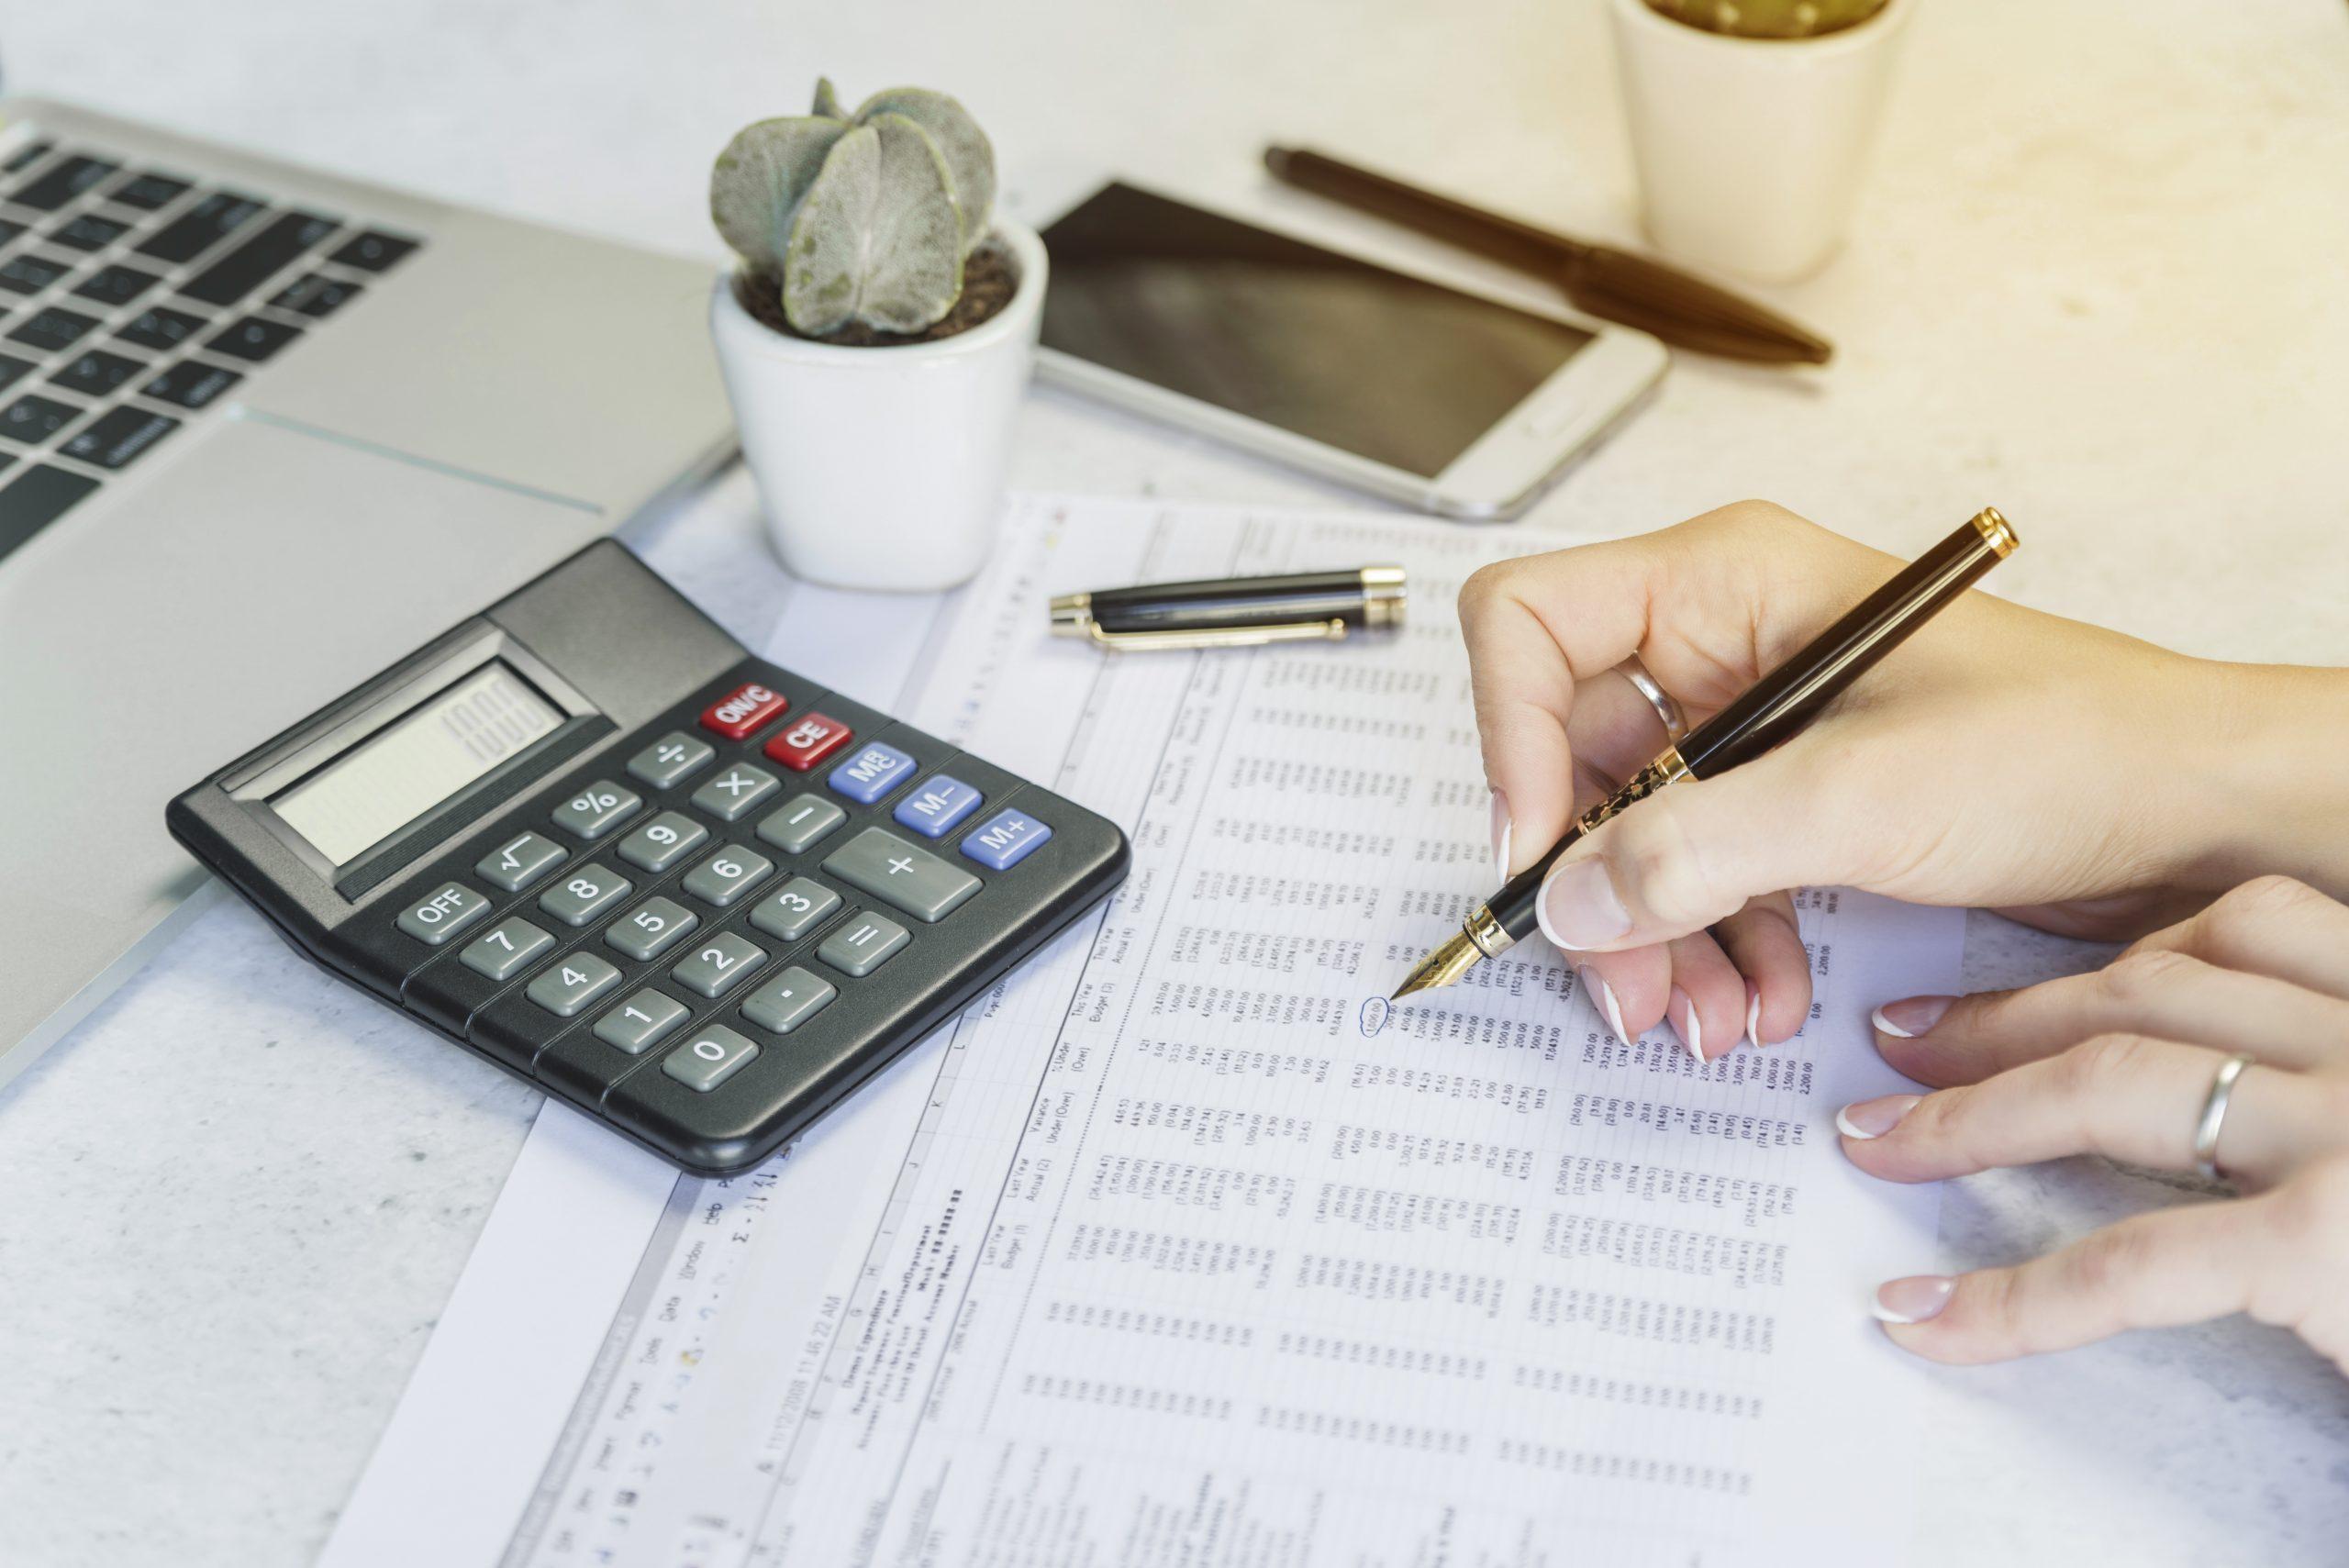 cara membuat laporan keuangan mudah